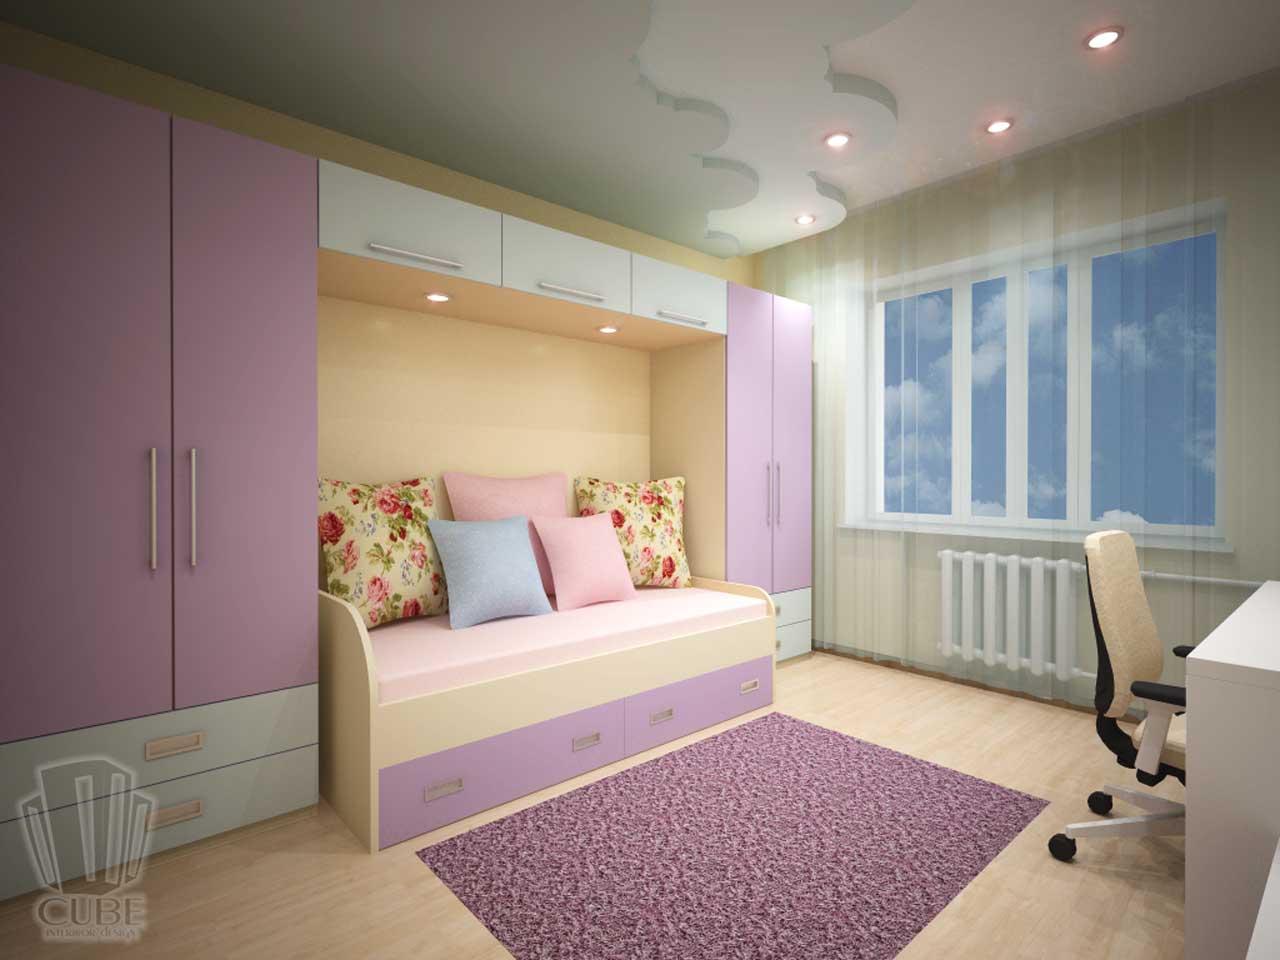 Дизайн-проект интерьера. Тюмень ул. Широтная д.158. Квартира для молодой семьи (2)